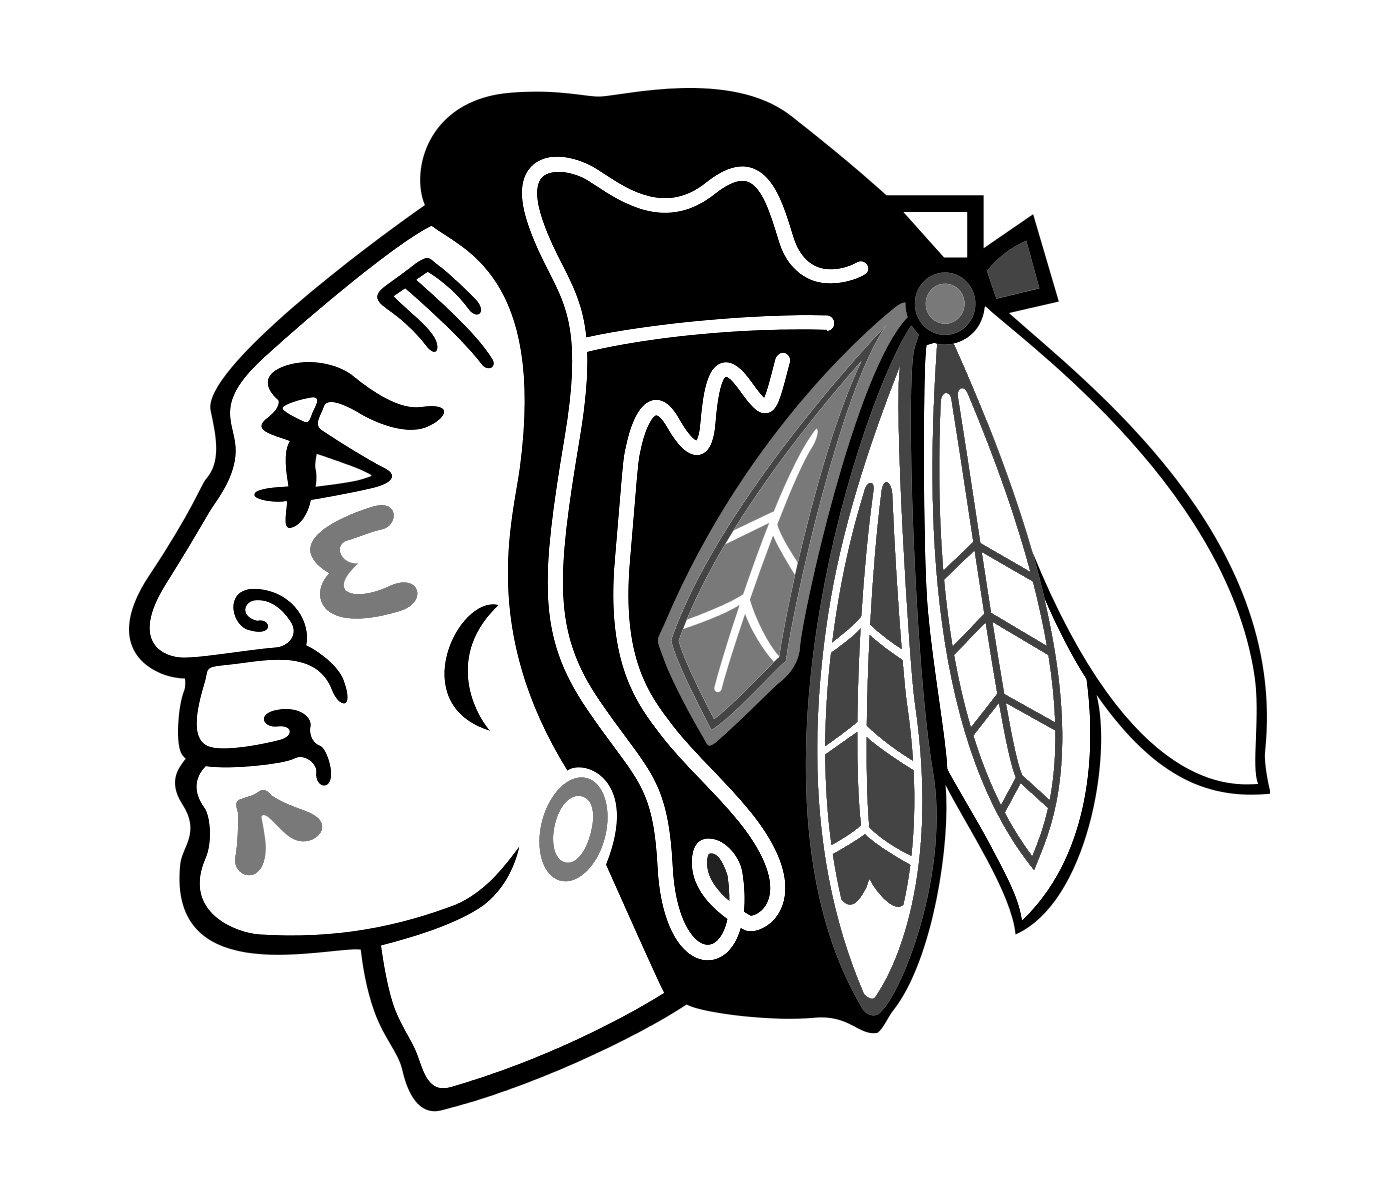 Blackhawks Logo, Blackhawks Symbol, Meaning, History and